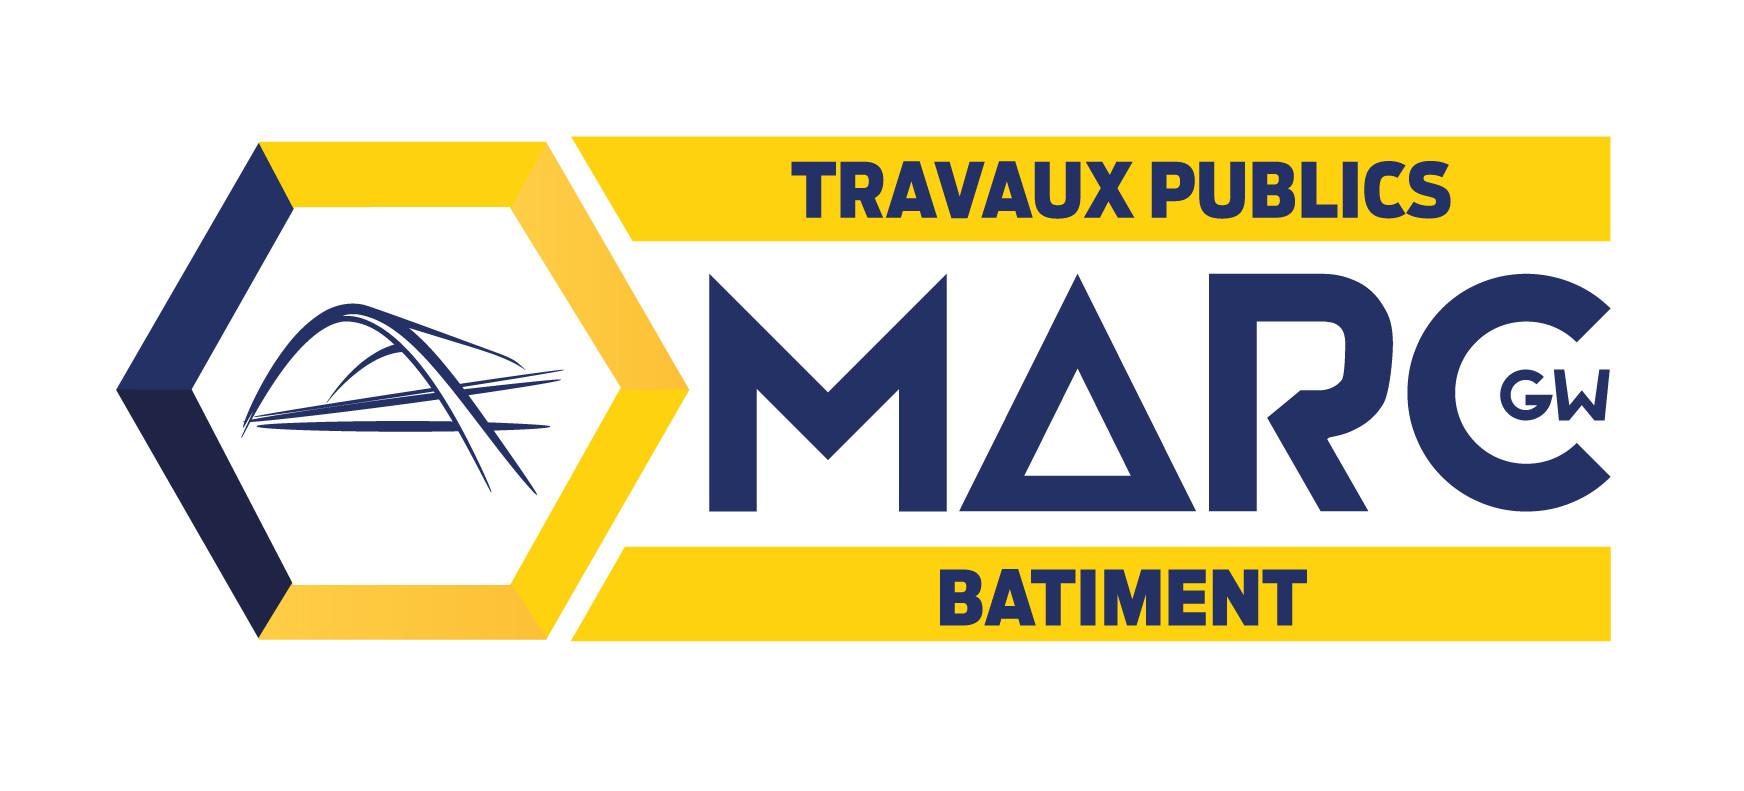 MARC-logo_GW-02.jpg